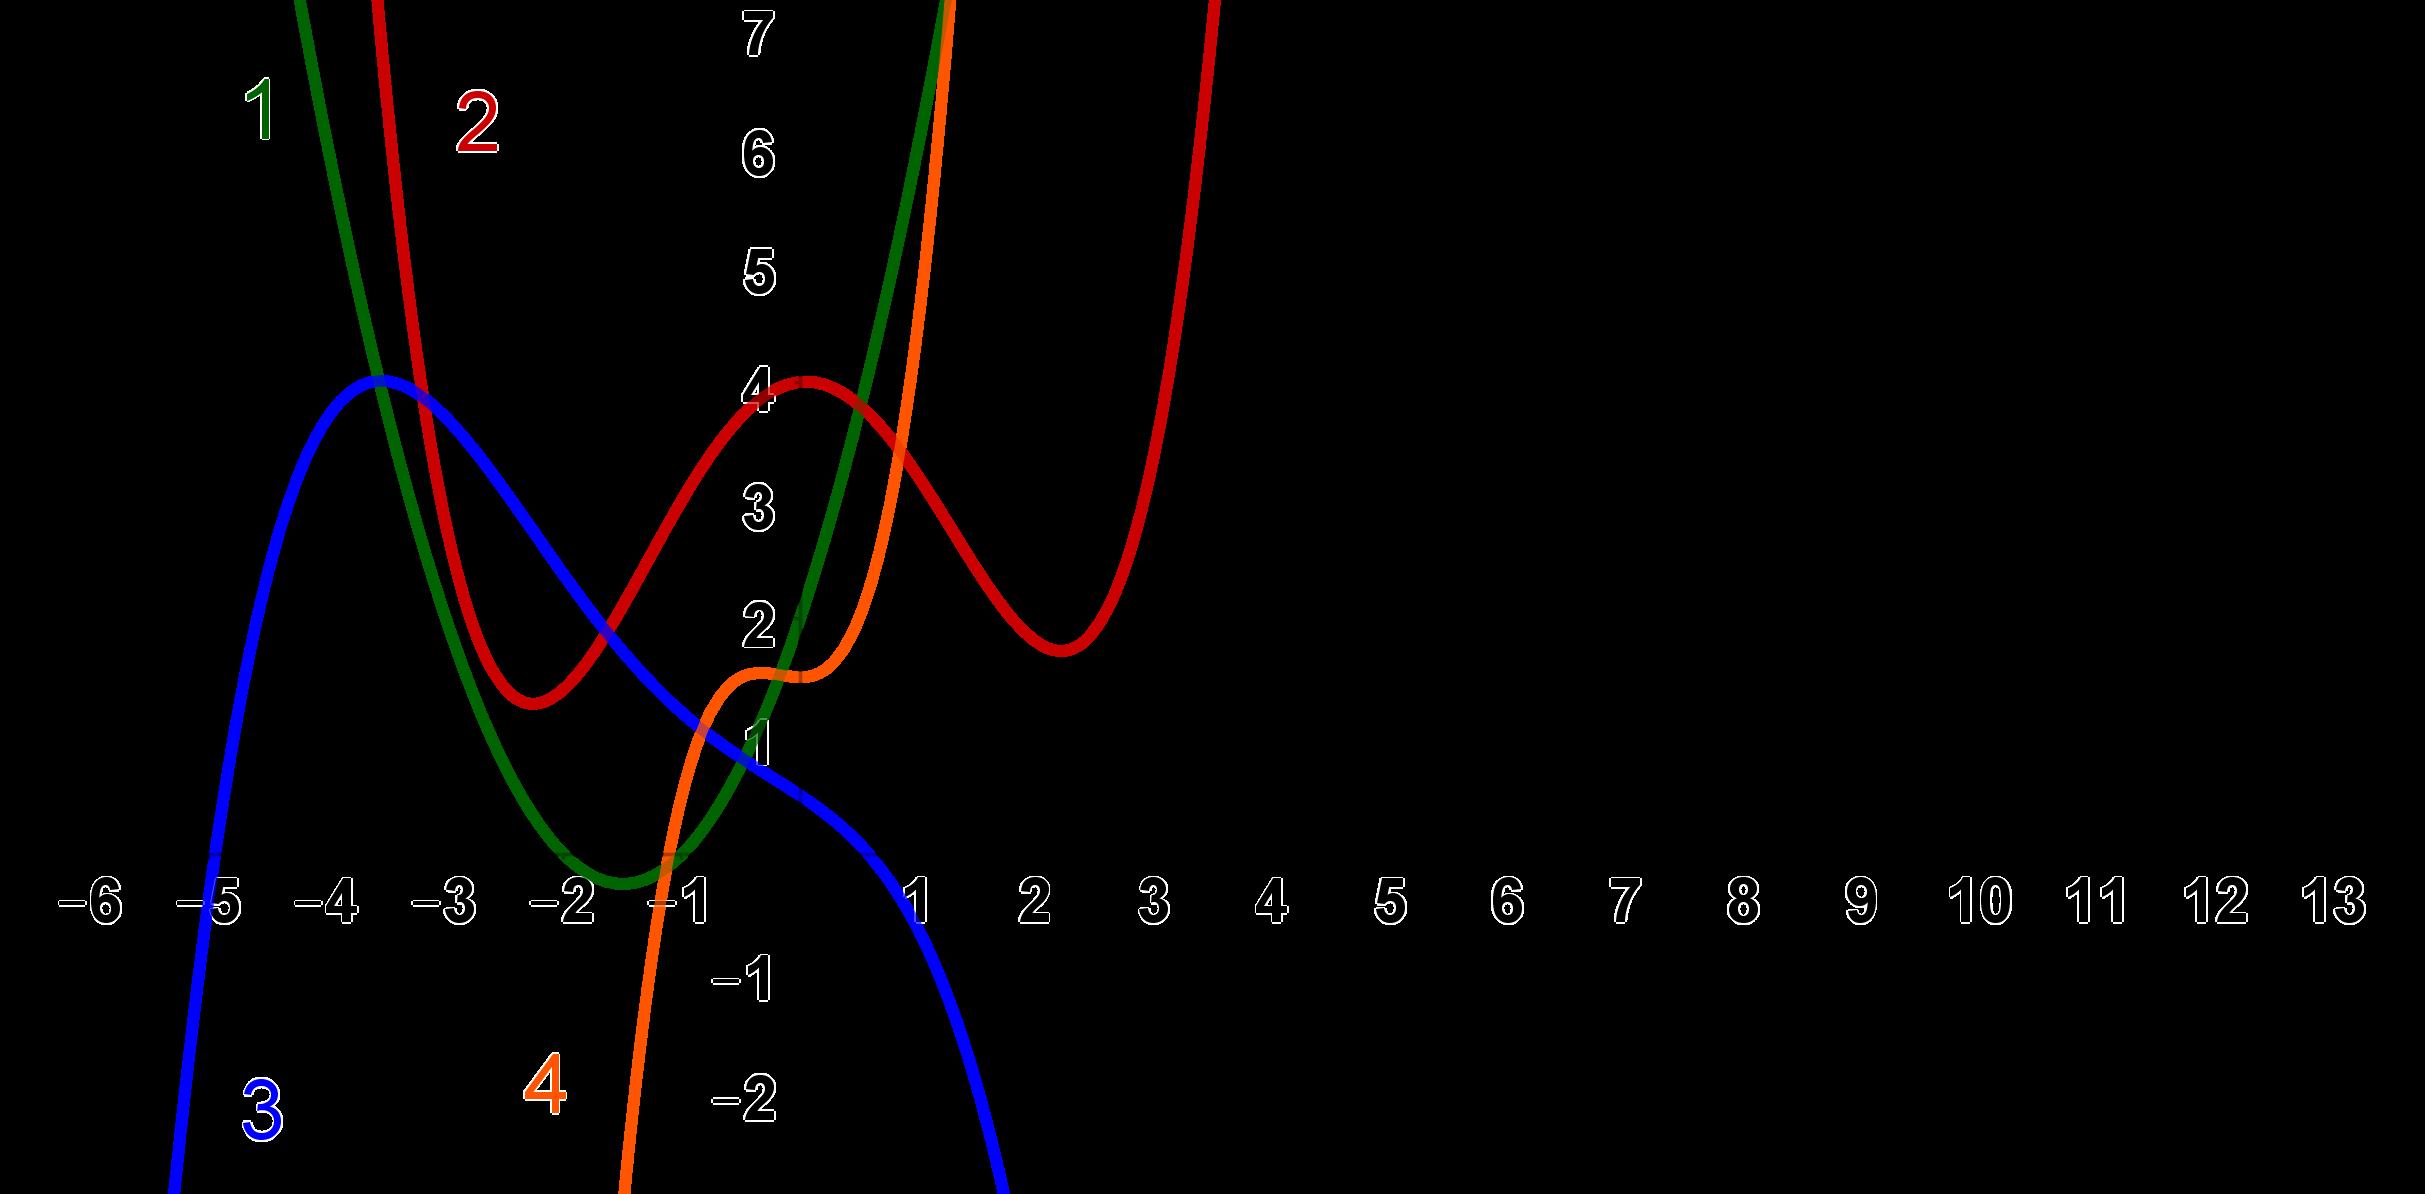 Gemischte Aufgaben zur Ableitung - Mathe Themenordner » Serlo.org